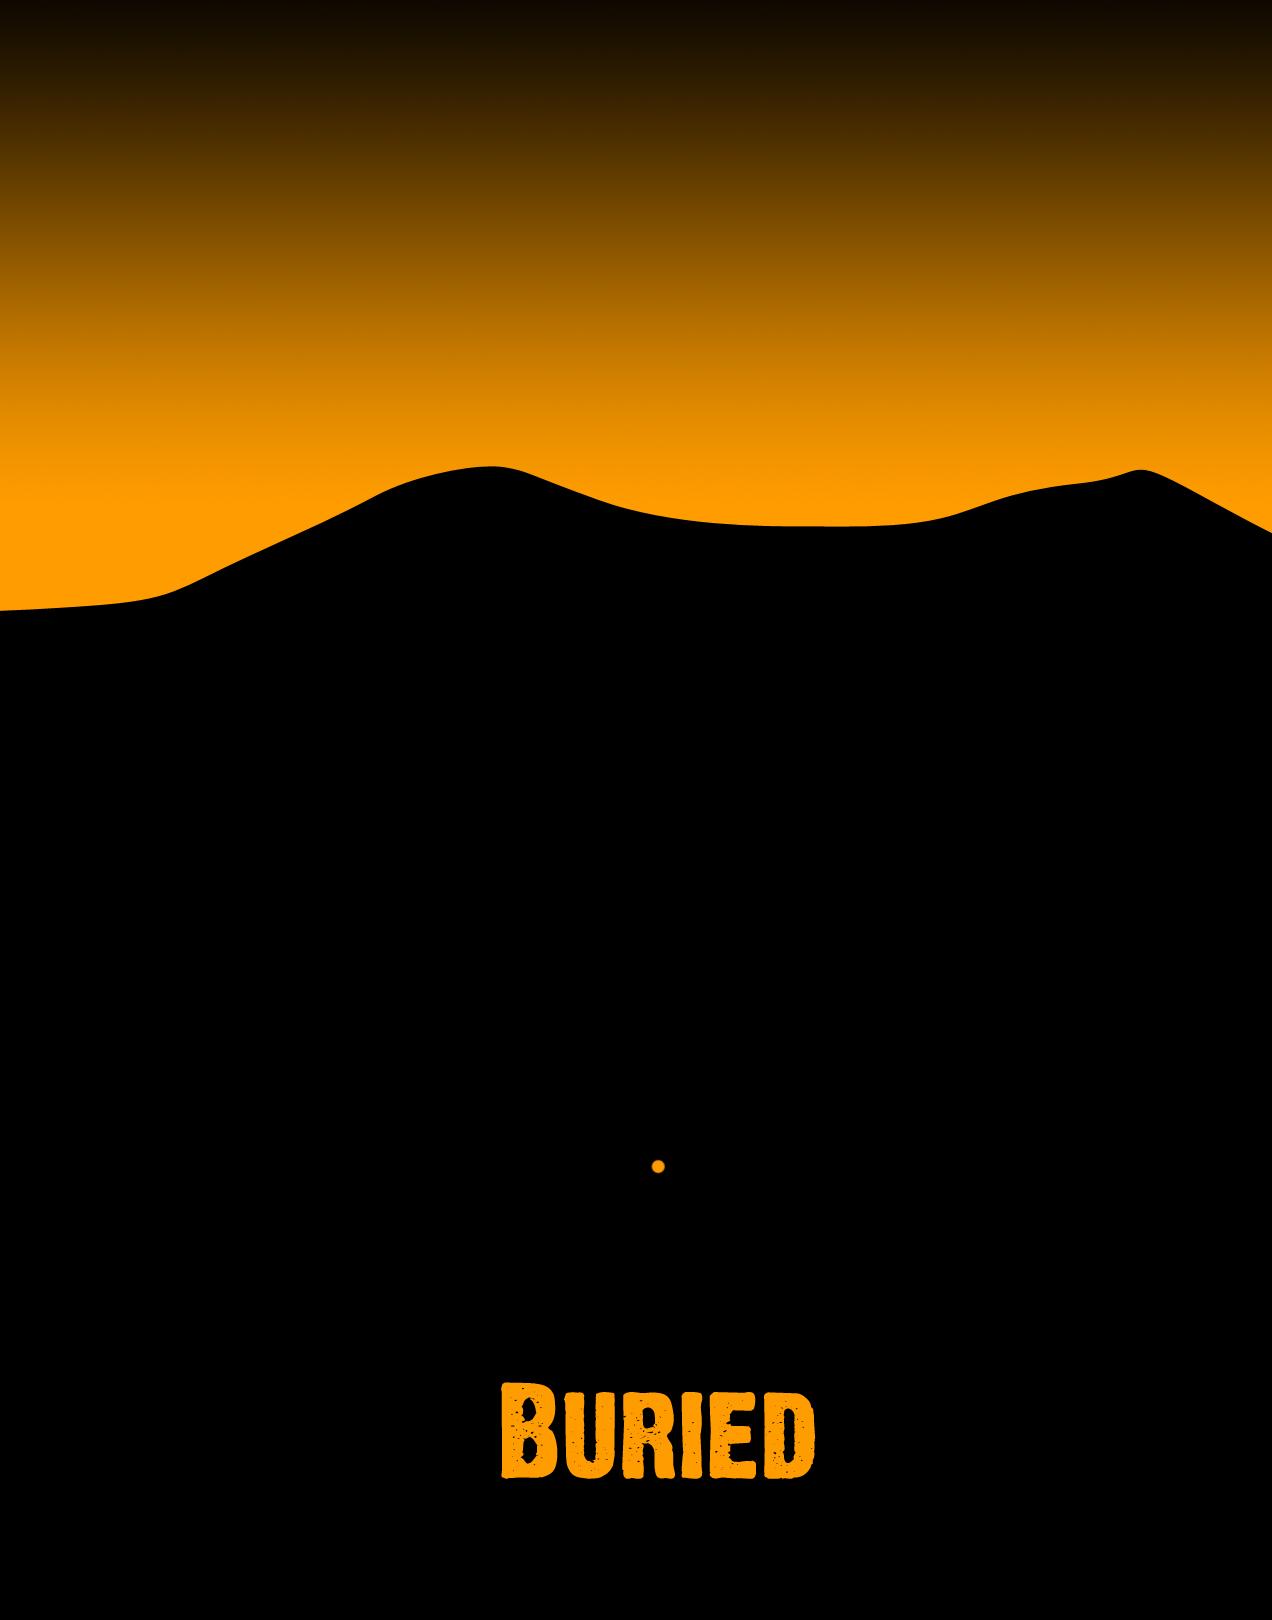 Risultati immagini per buried poster